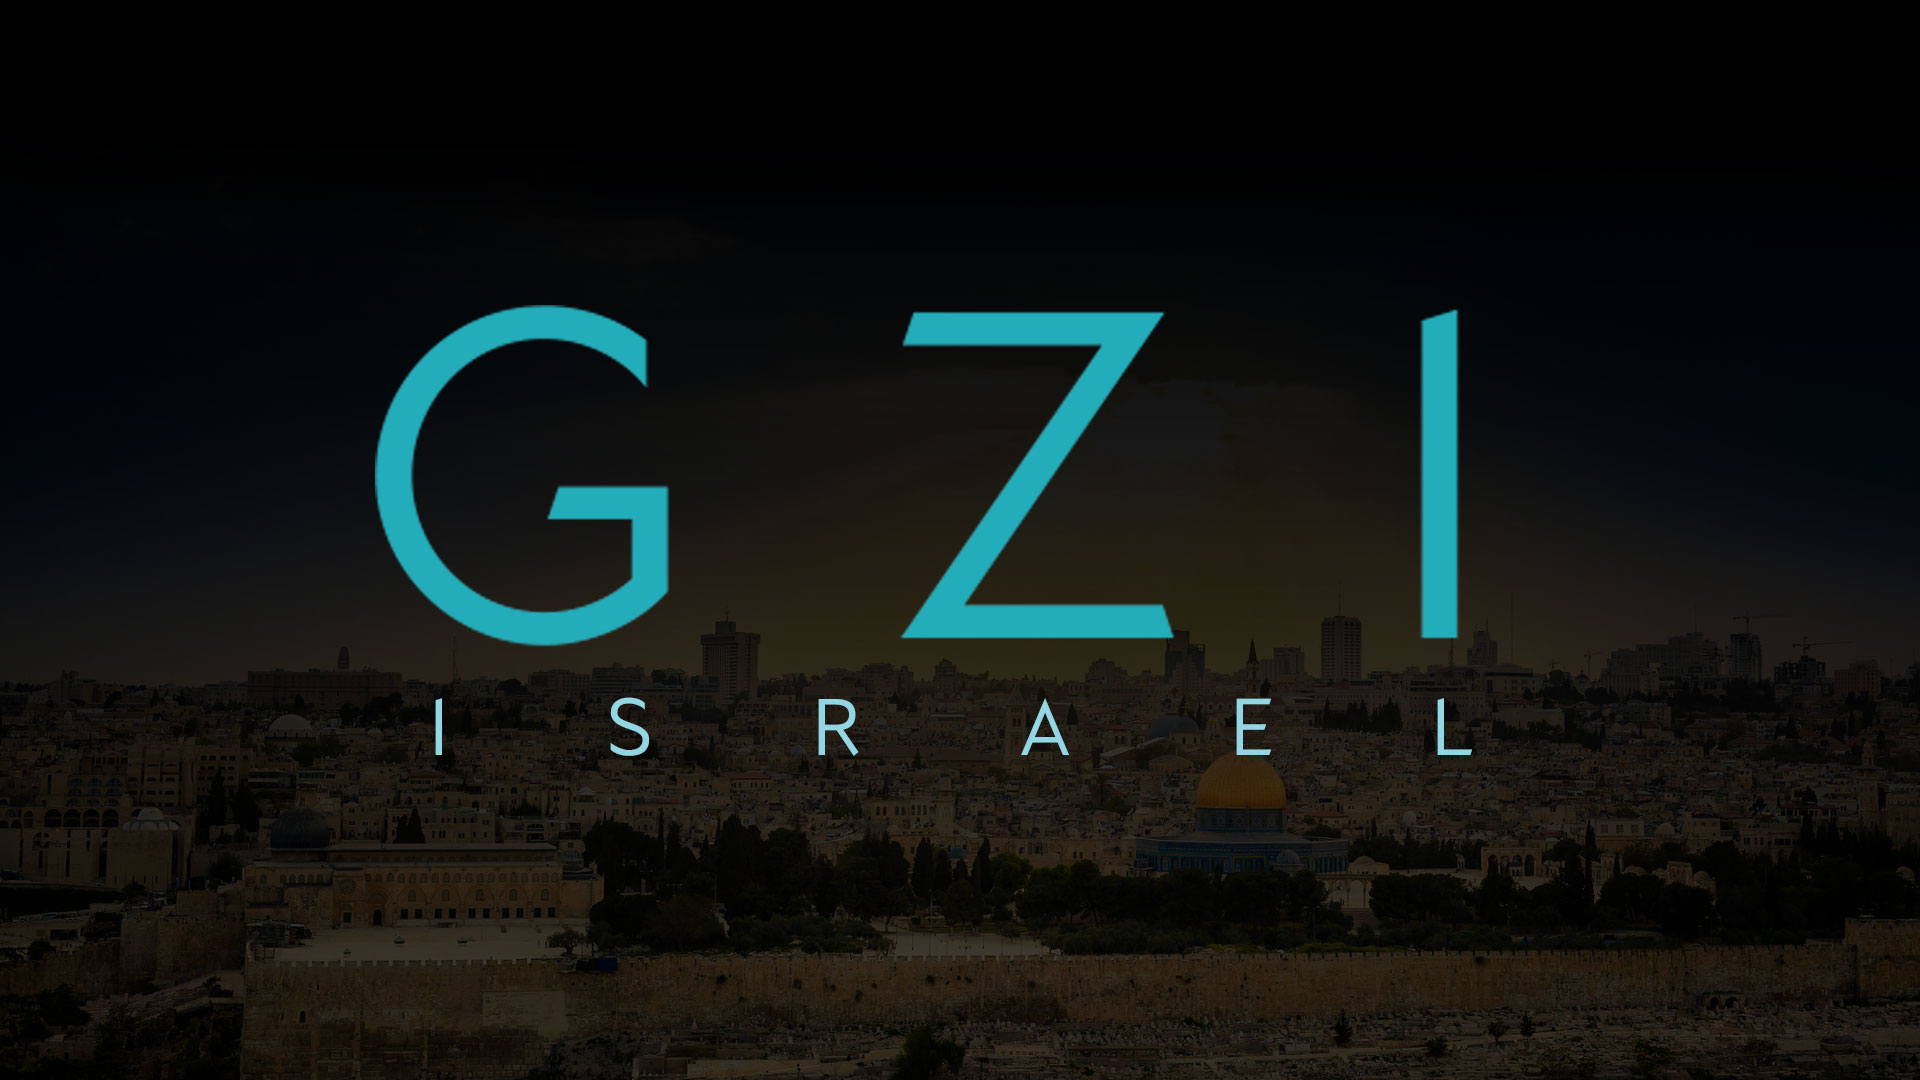 About - Glory of Zion International